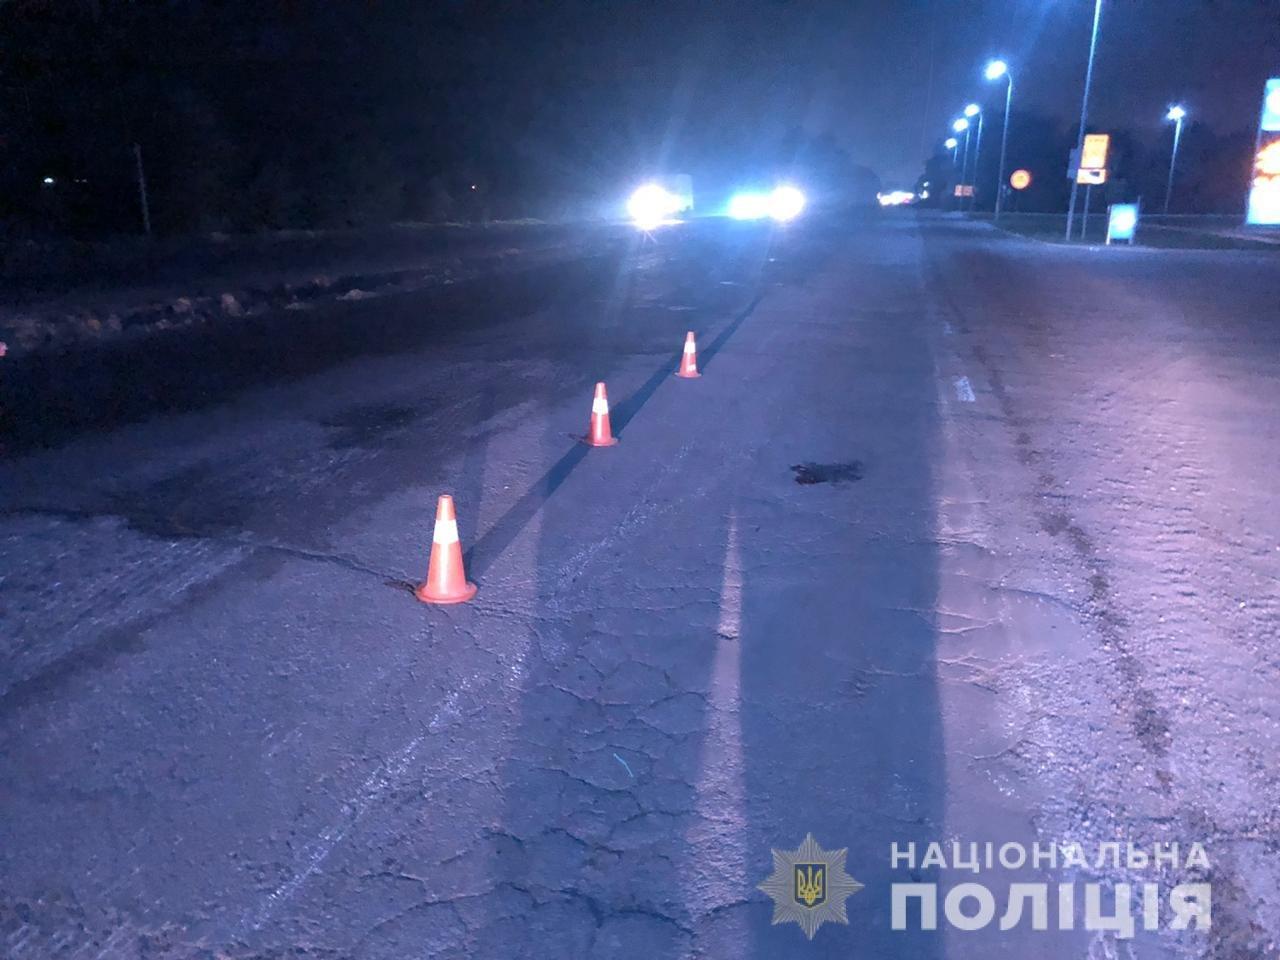 дтп, авария в Николаевской области